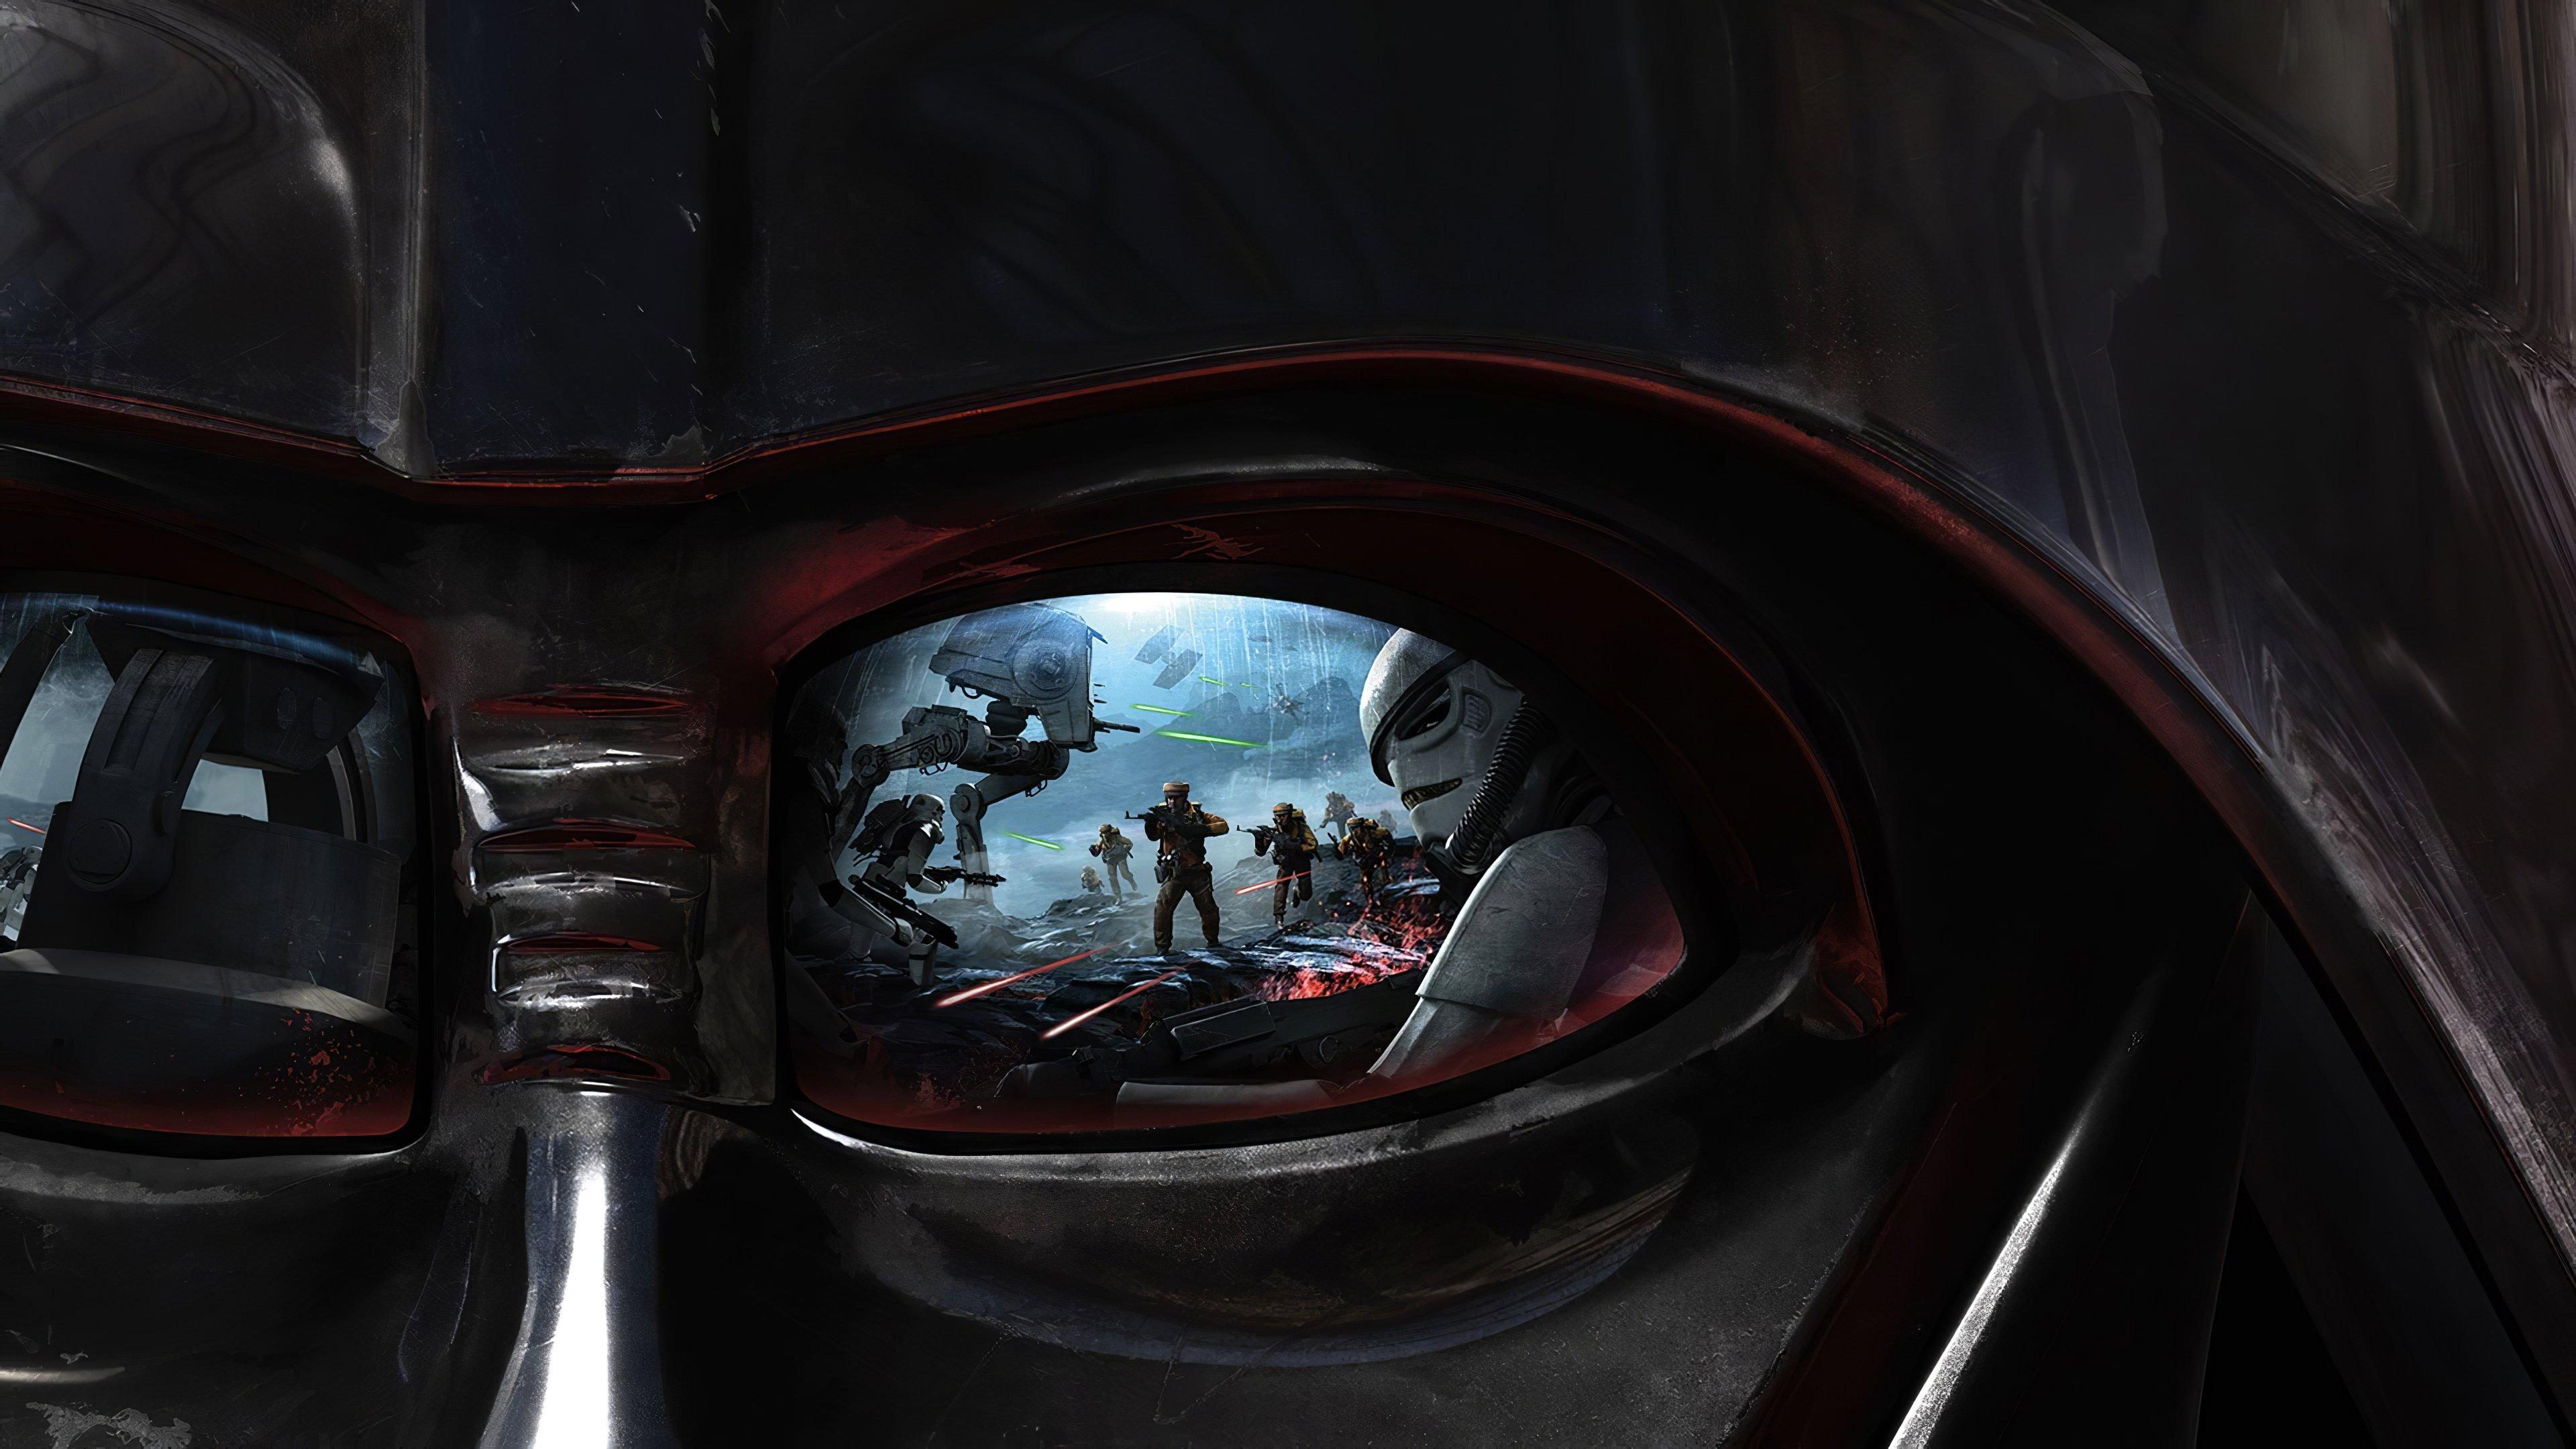 Wallpaper Darth Vader from Star Wars Battlefront